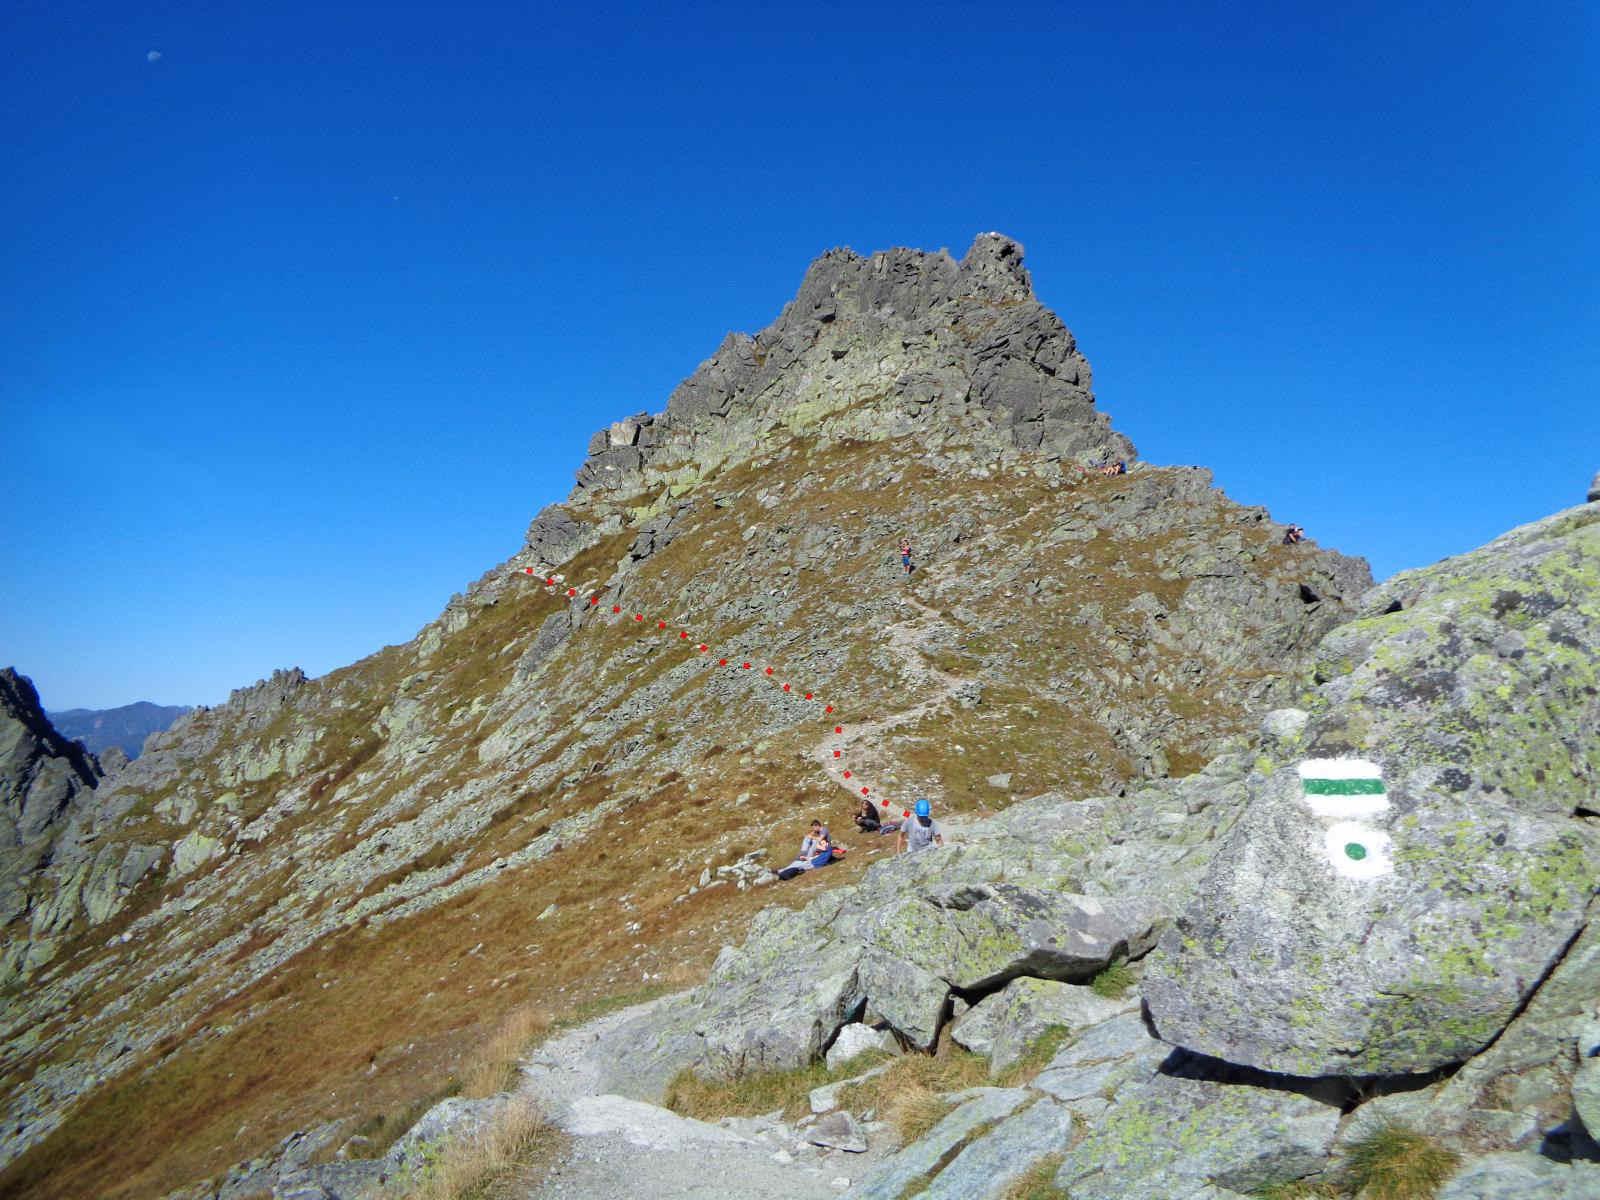 Przełęcz pod Chłopkiem, Droga po Głazach